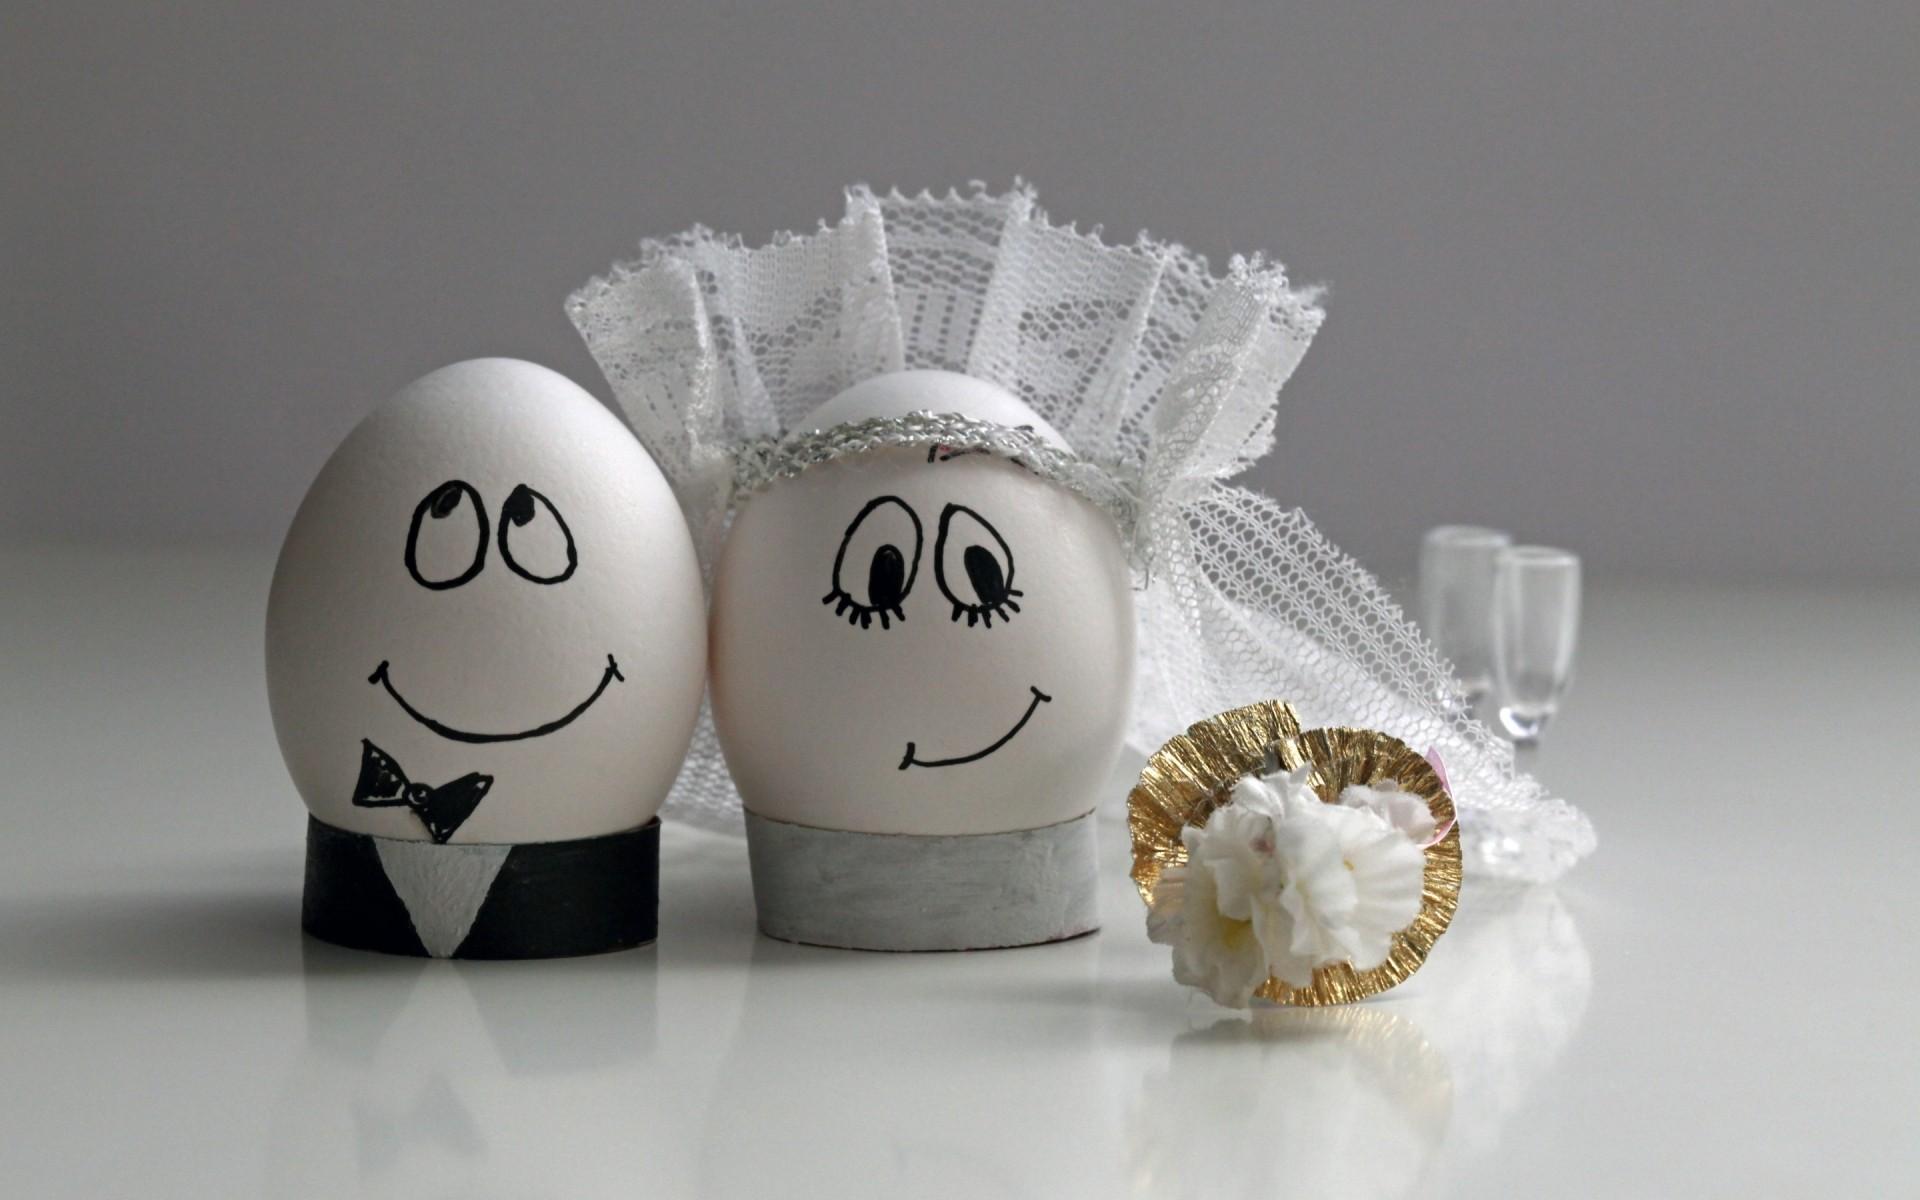 Смешные картинки тему свадьба, картинка